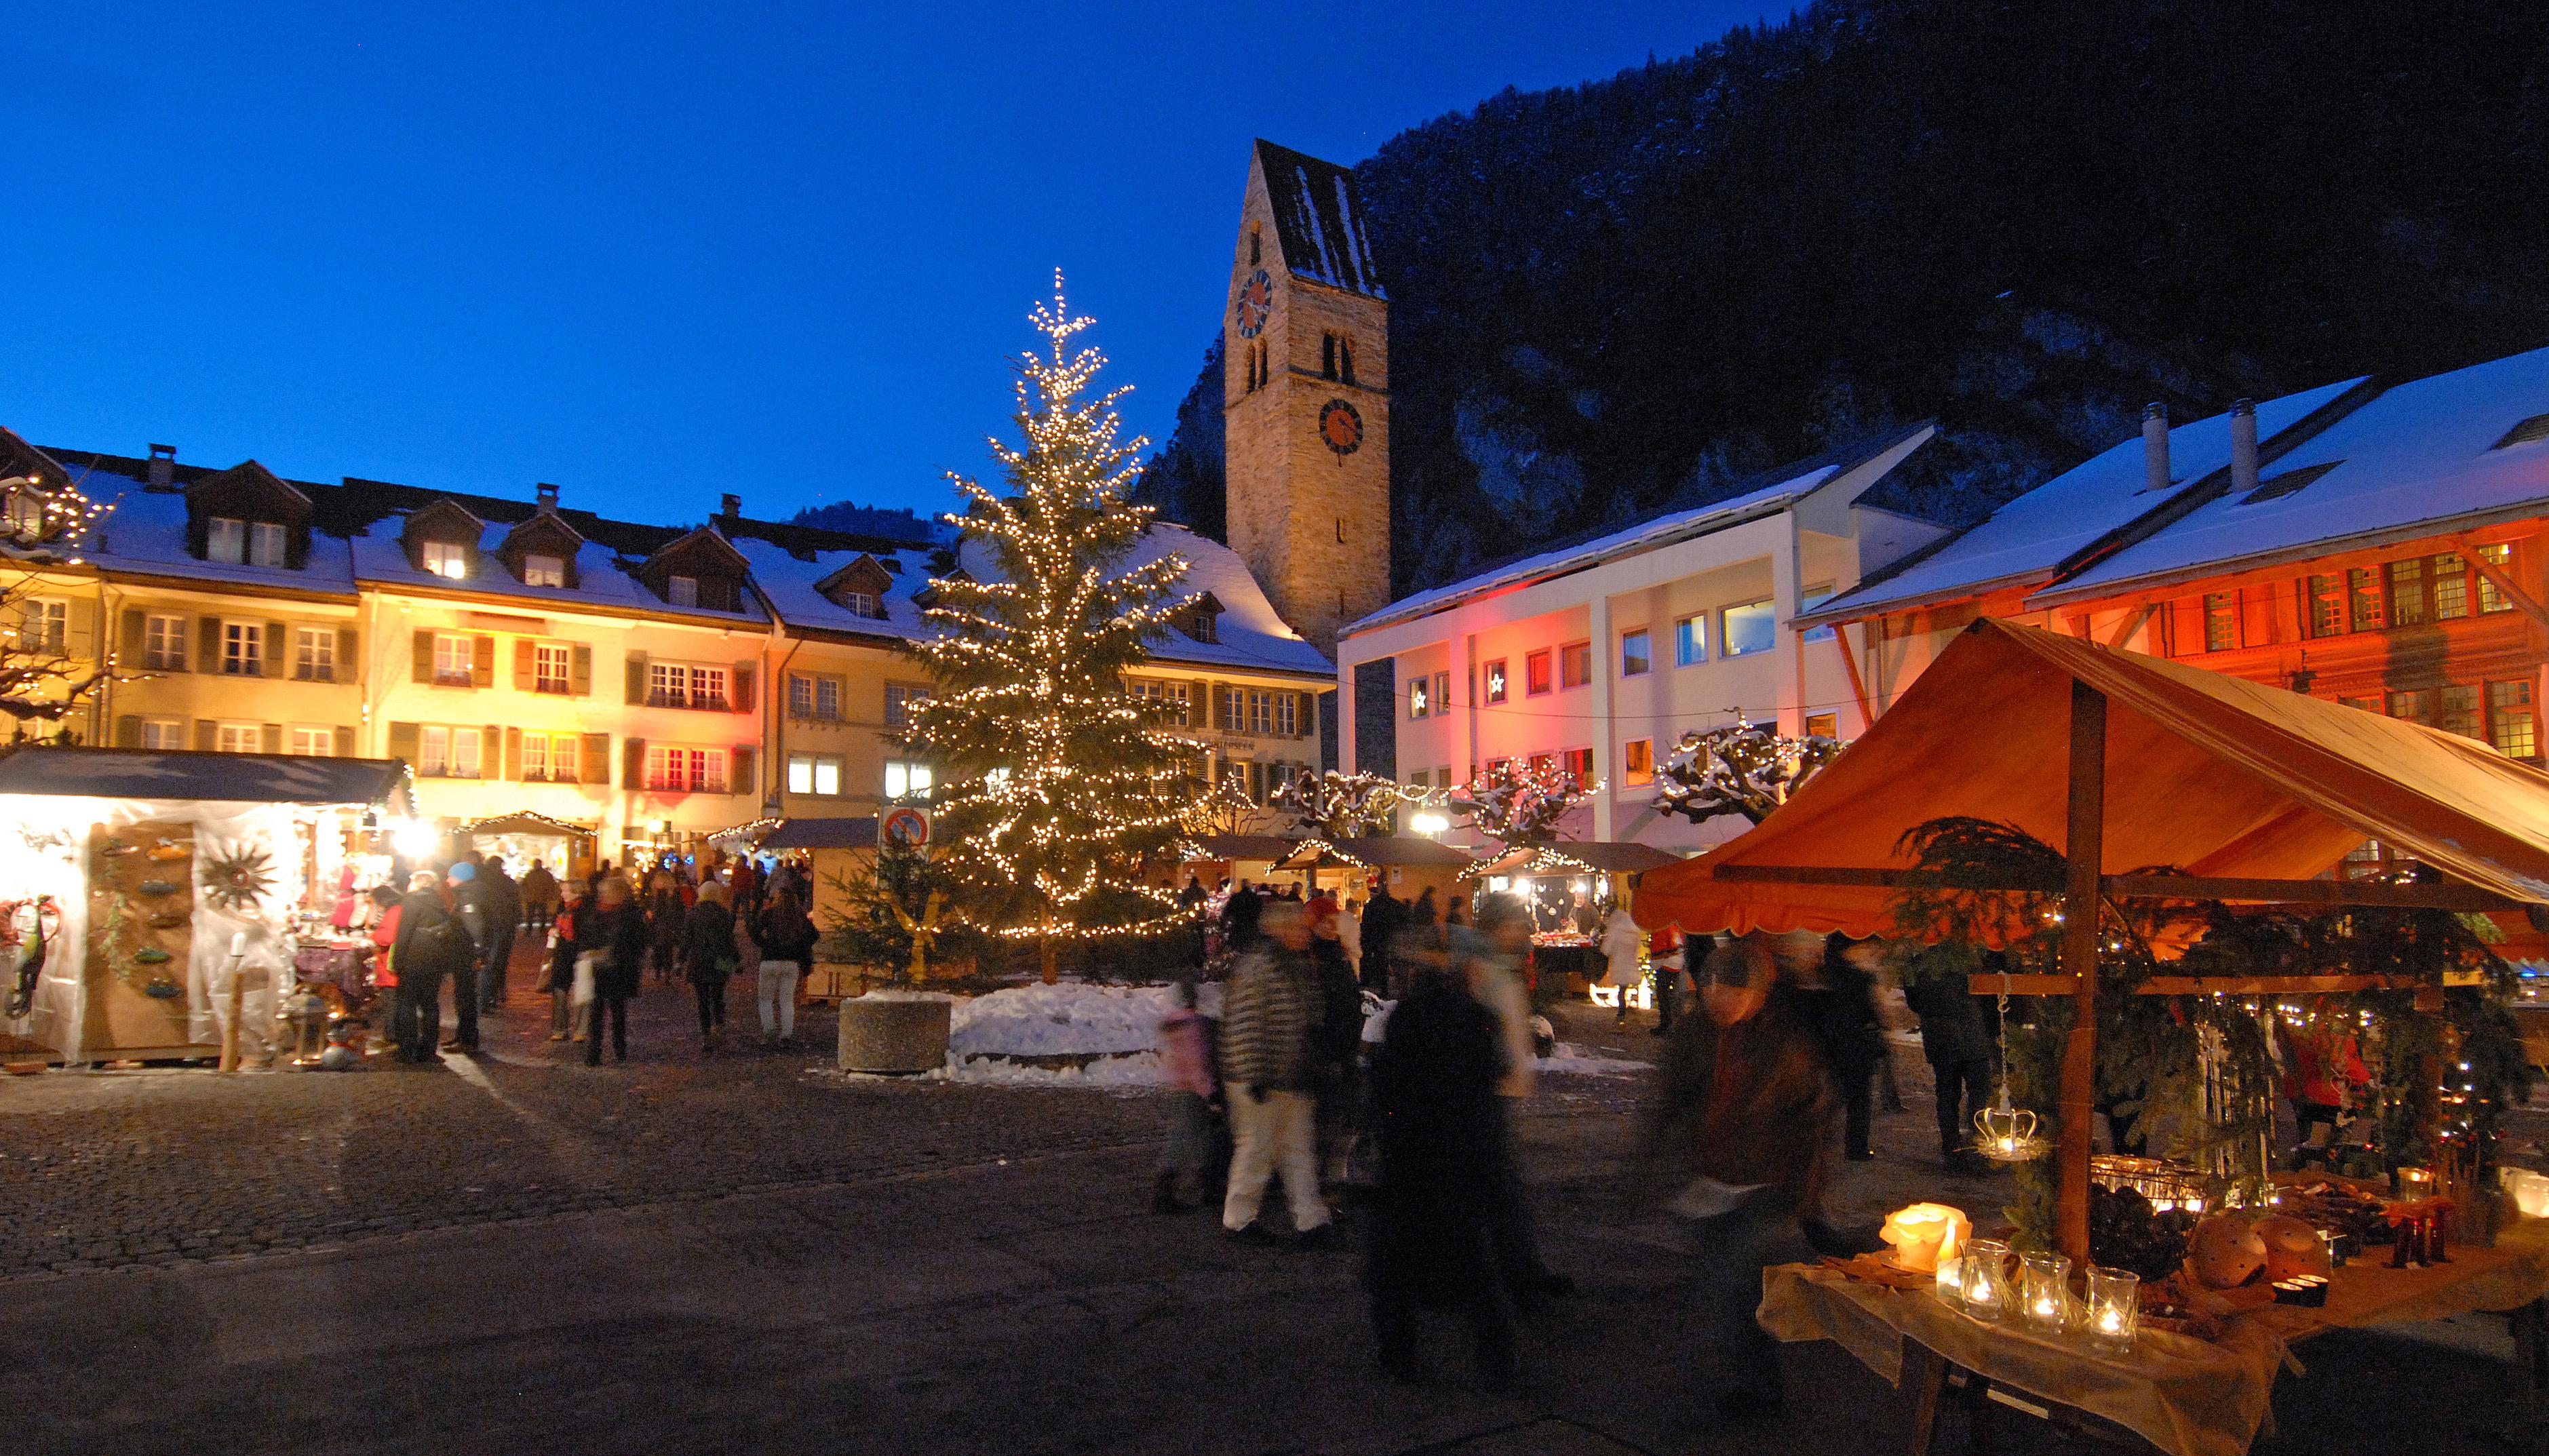 Weihnachts- & Adventsmarkt Stadthausplatz